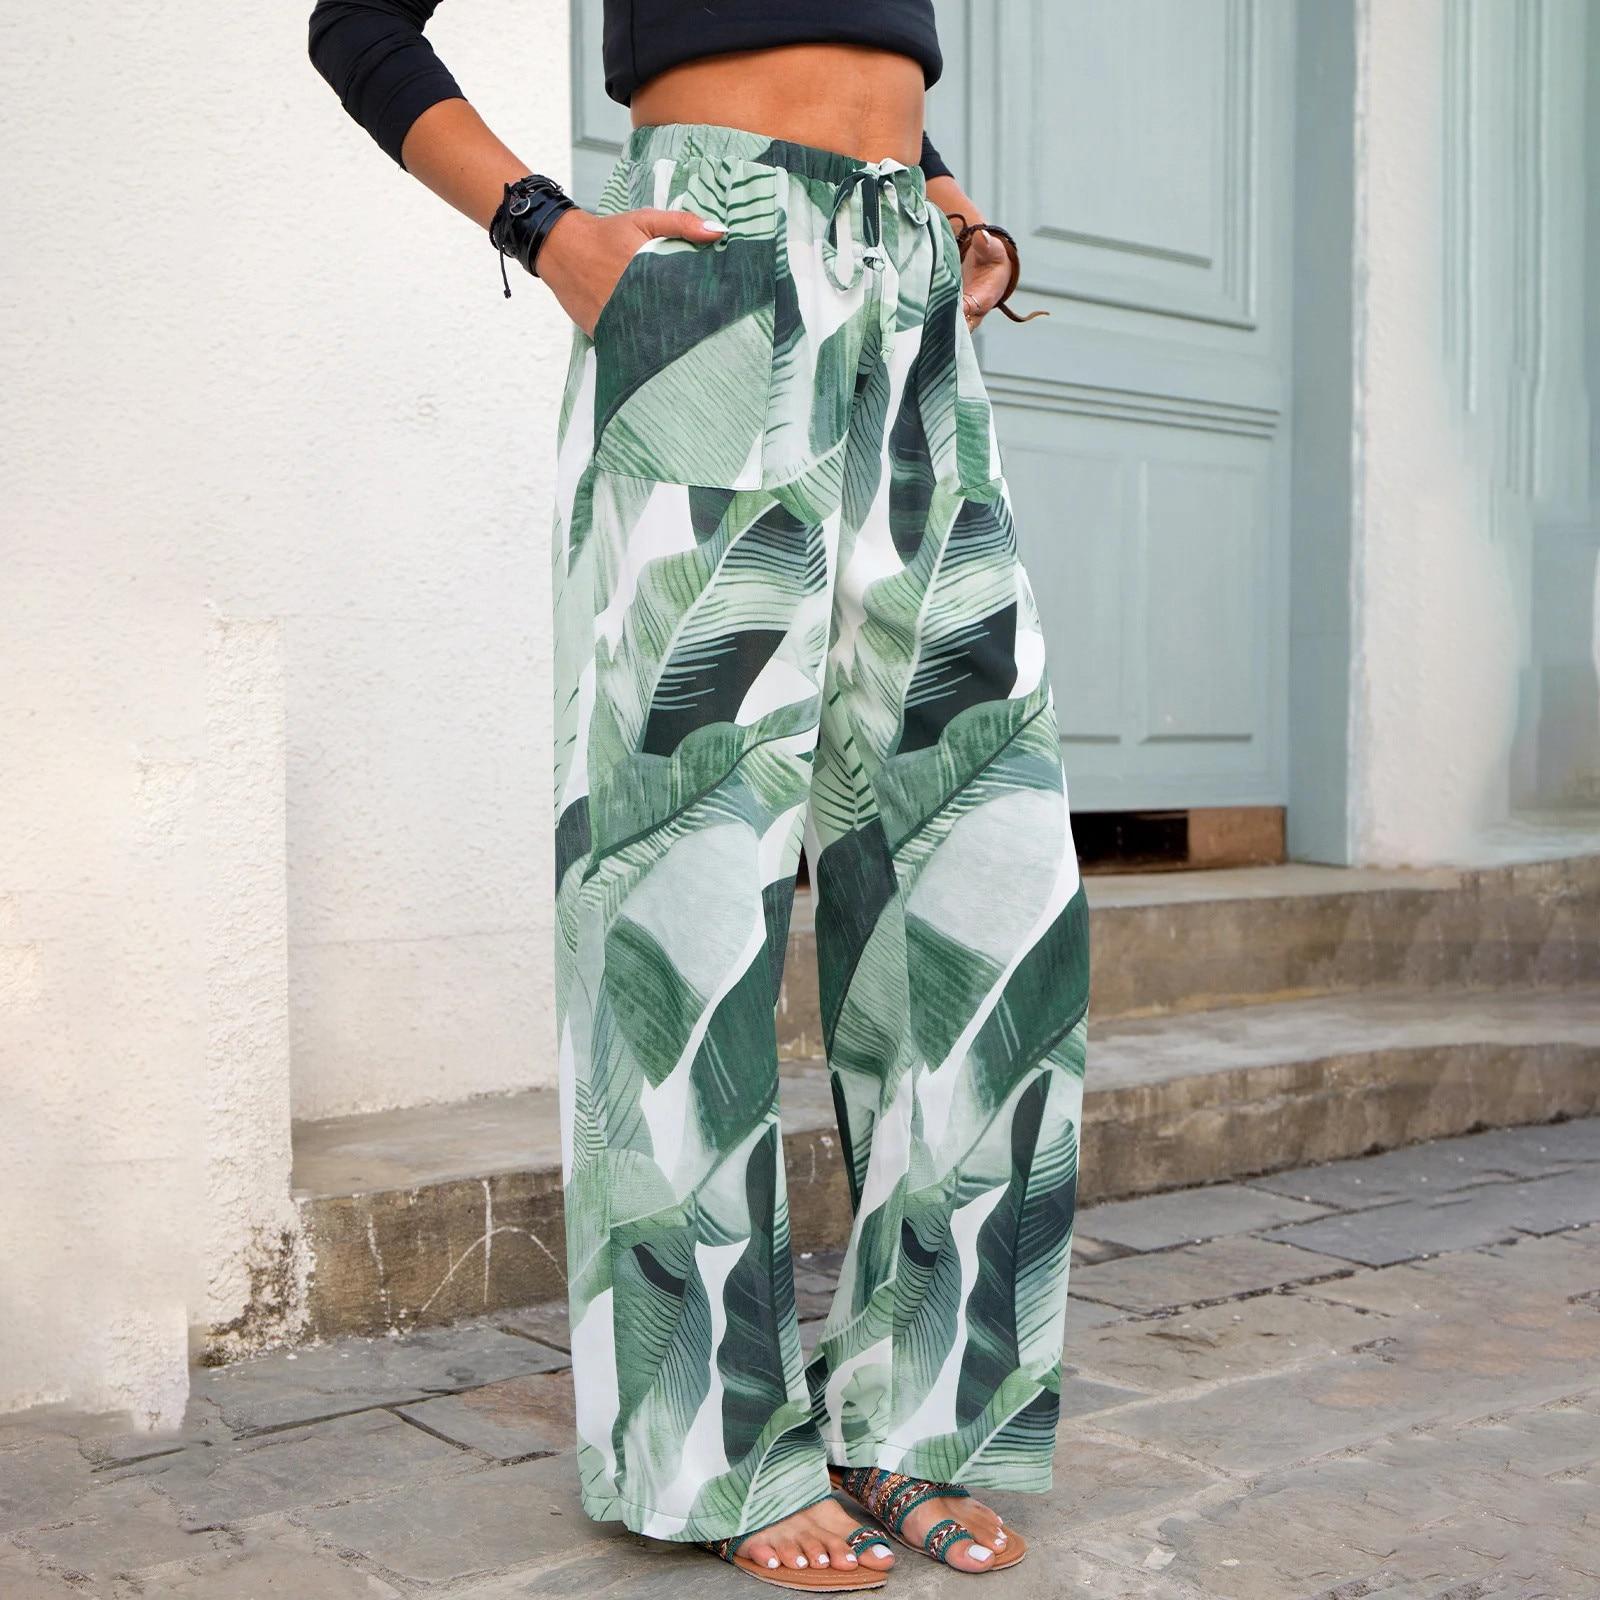 Женские брюки взрывоопасного стиля, новинка 2021, широкие брюки с принтом, прямые брюки, повседневные брюки, брюки